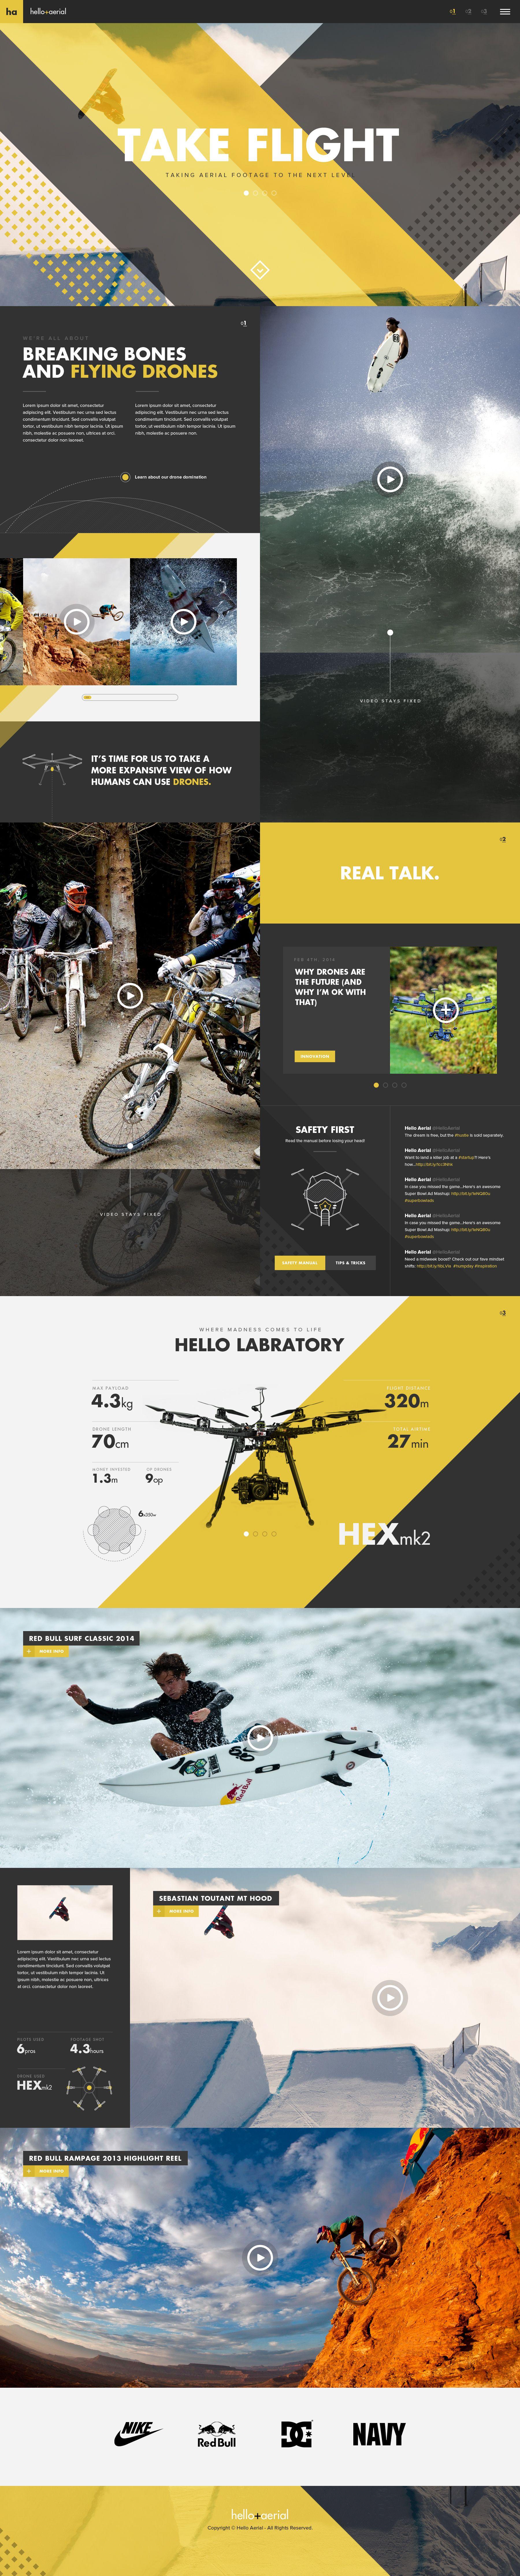 Ha-dribb-full #ui #mobile #design #ResponsiveDesign #Web #UI #UX #WordPress…